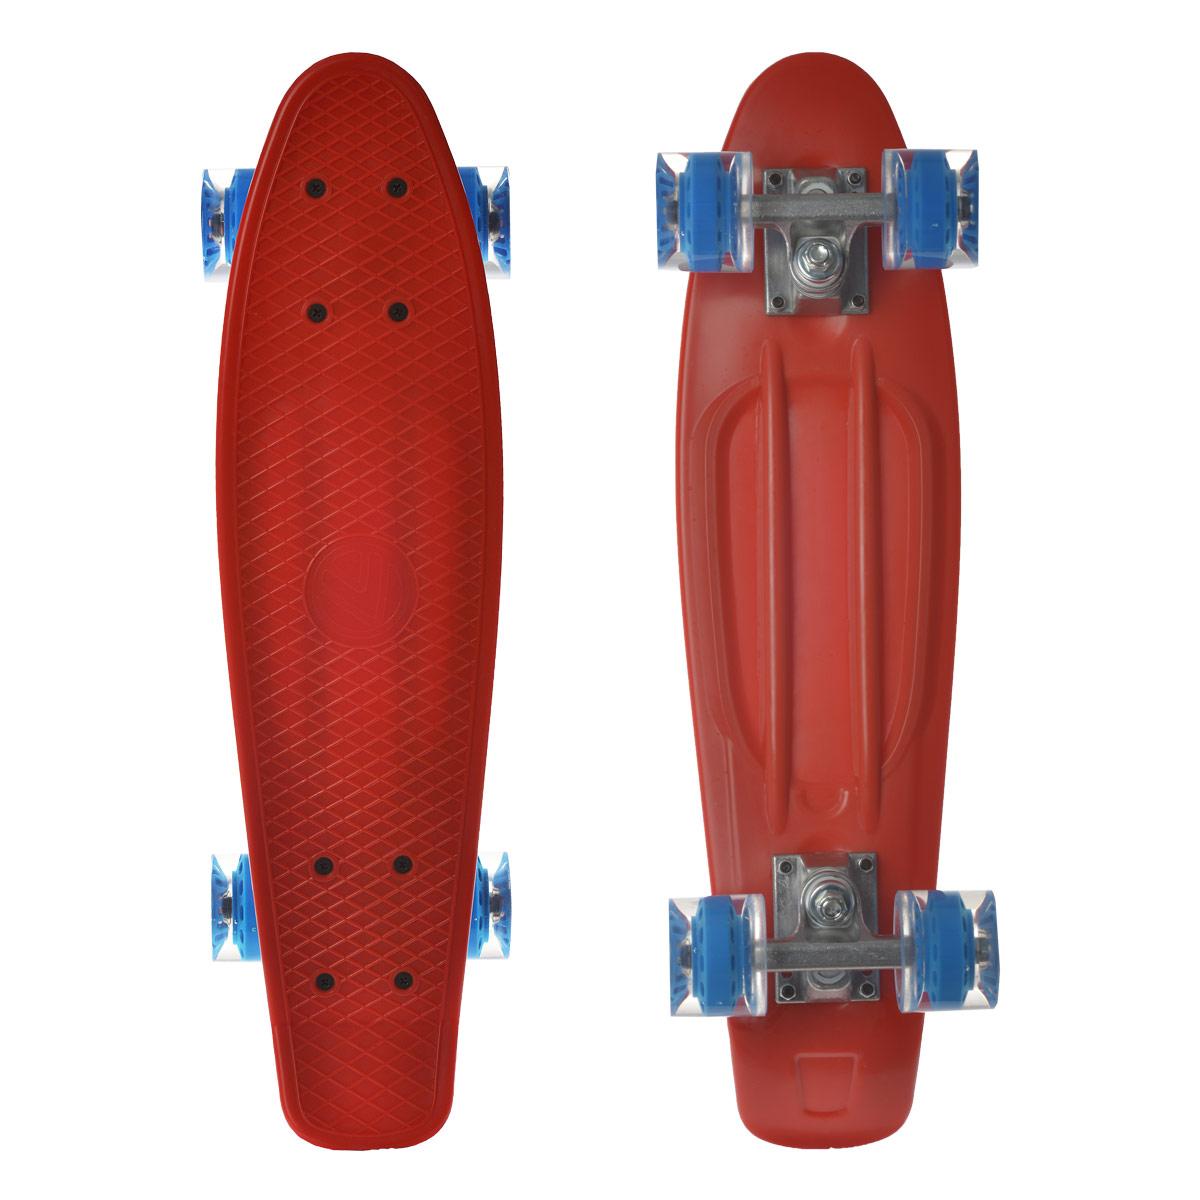 Скейтборд пластиковый Larsen, цвет: красный, дека 55 см х 15 см. BKA0020E333751Пенни борд Larsen подходит для начинающих райдеров и предназначен для уличного катания. Пенни борд имеет специальный выпуклый рисунок в виде сетки, предотвращающий скольжение. Дека выполнена из высококачественного пластика. Подвеска - из прочного алюминия. Высота скейтборда от пола - 10 см. Максимальный вес пользователя - 100 кг. Полиуретановые колеса обеспечивают хорошее сцепление с поверхностью, быстрый разгон и торможение. В последнее время экстремальные виды спорта, такие как катание на скейтборде, становятся очень популярными. Скейтбординг - это зрелищный и экстремальный вид спорта, представляющий собой катание на роликовой доске с преодолением препятствий и выполнением различных трюков.